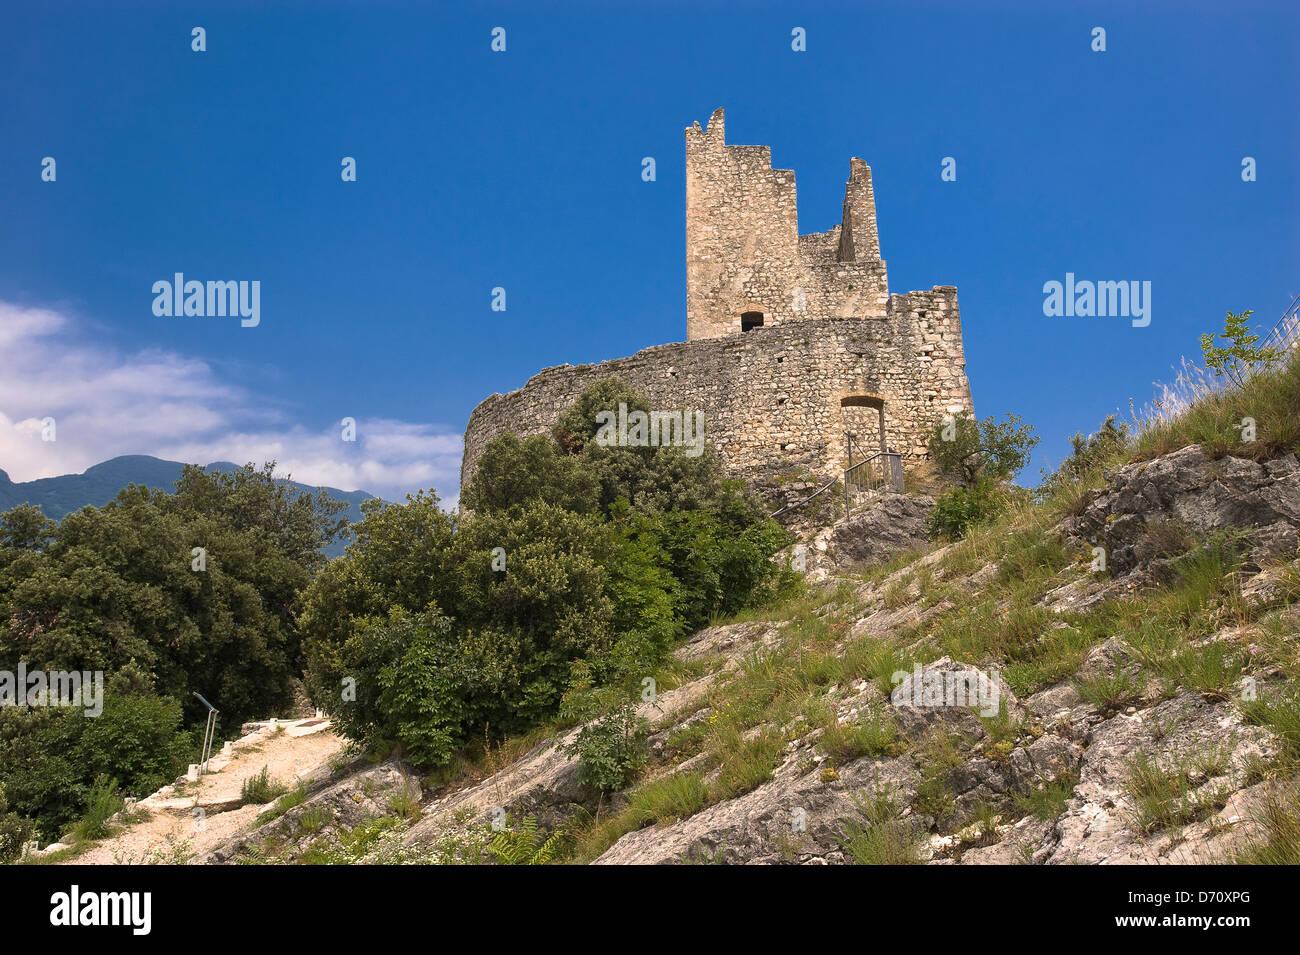 Europa Italia Trentino Alto Adige Arco il castello Torre Renghera Immagini Stock